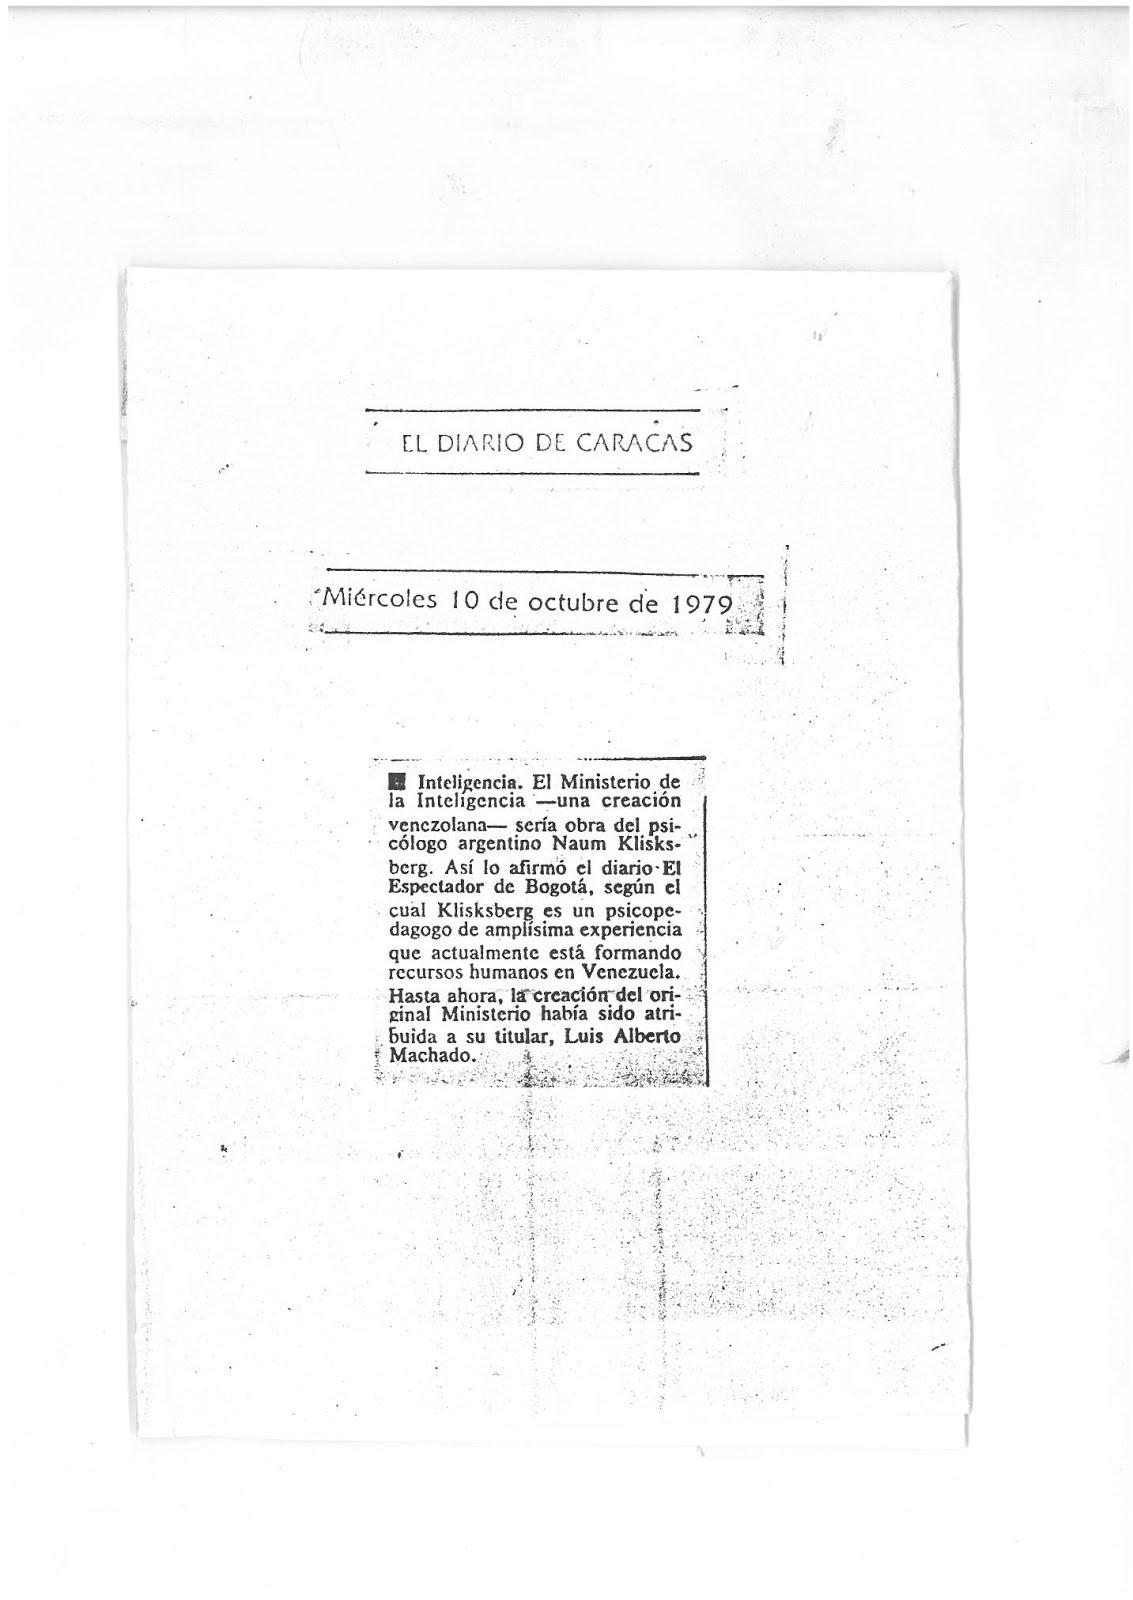 17 - PERIODICO  EL DIARIO DE CARACAS, VENEZUELA, 1010/1979, Artículo en